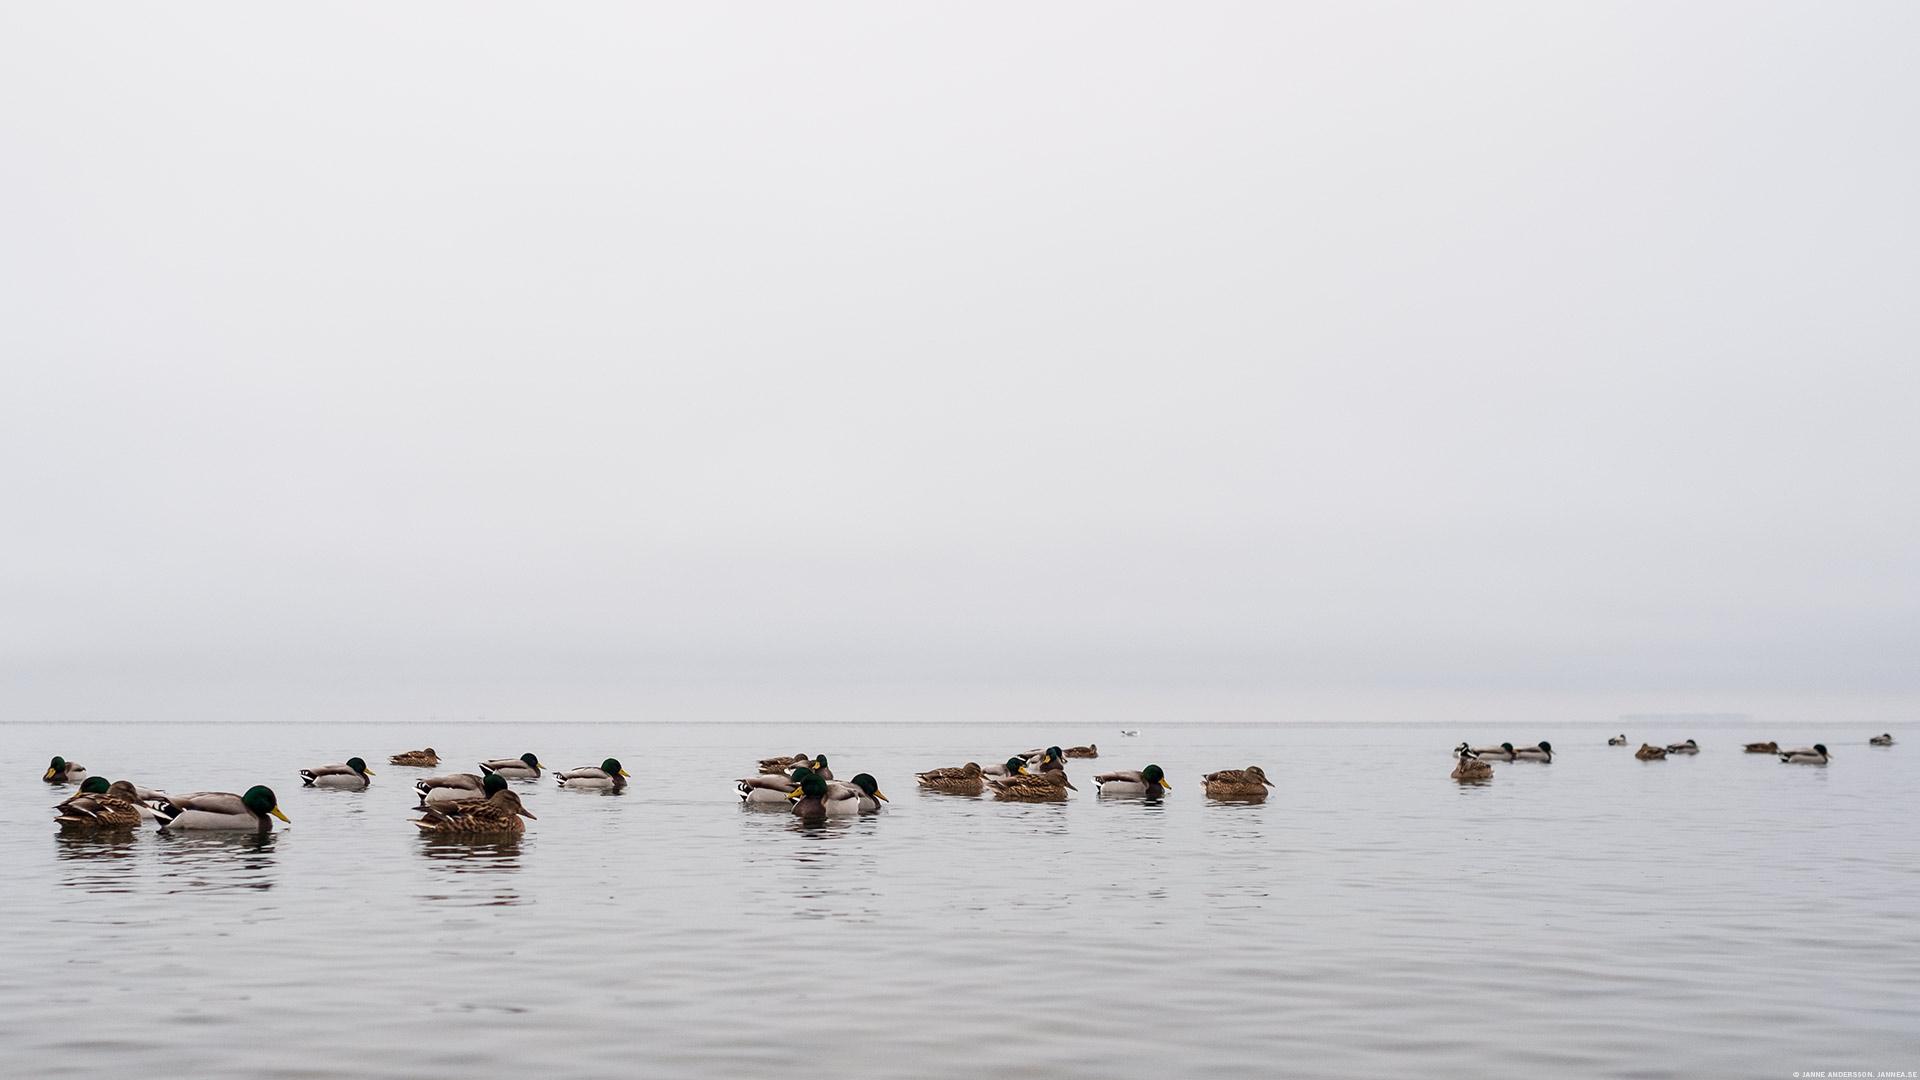 Lake of the day + mallards   © Janne A